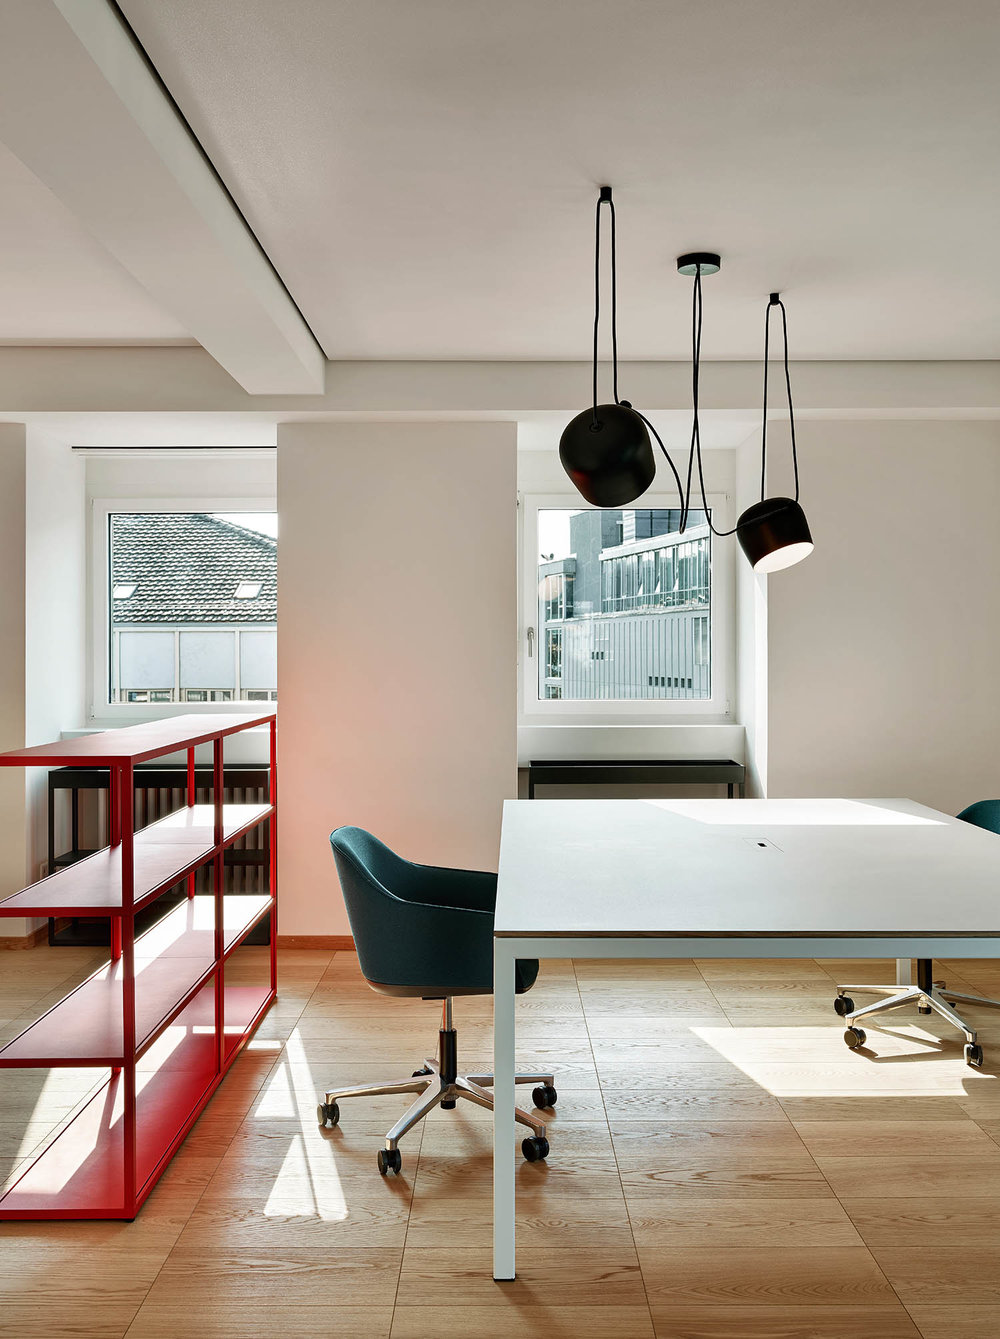 Bürogestaltung Und Umbau Zürich Mia Kepenek Interiors